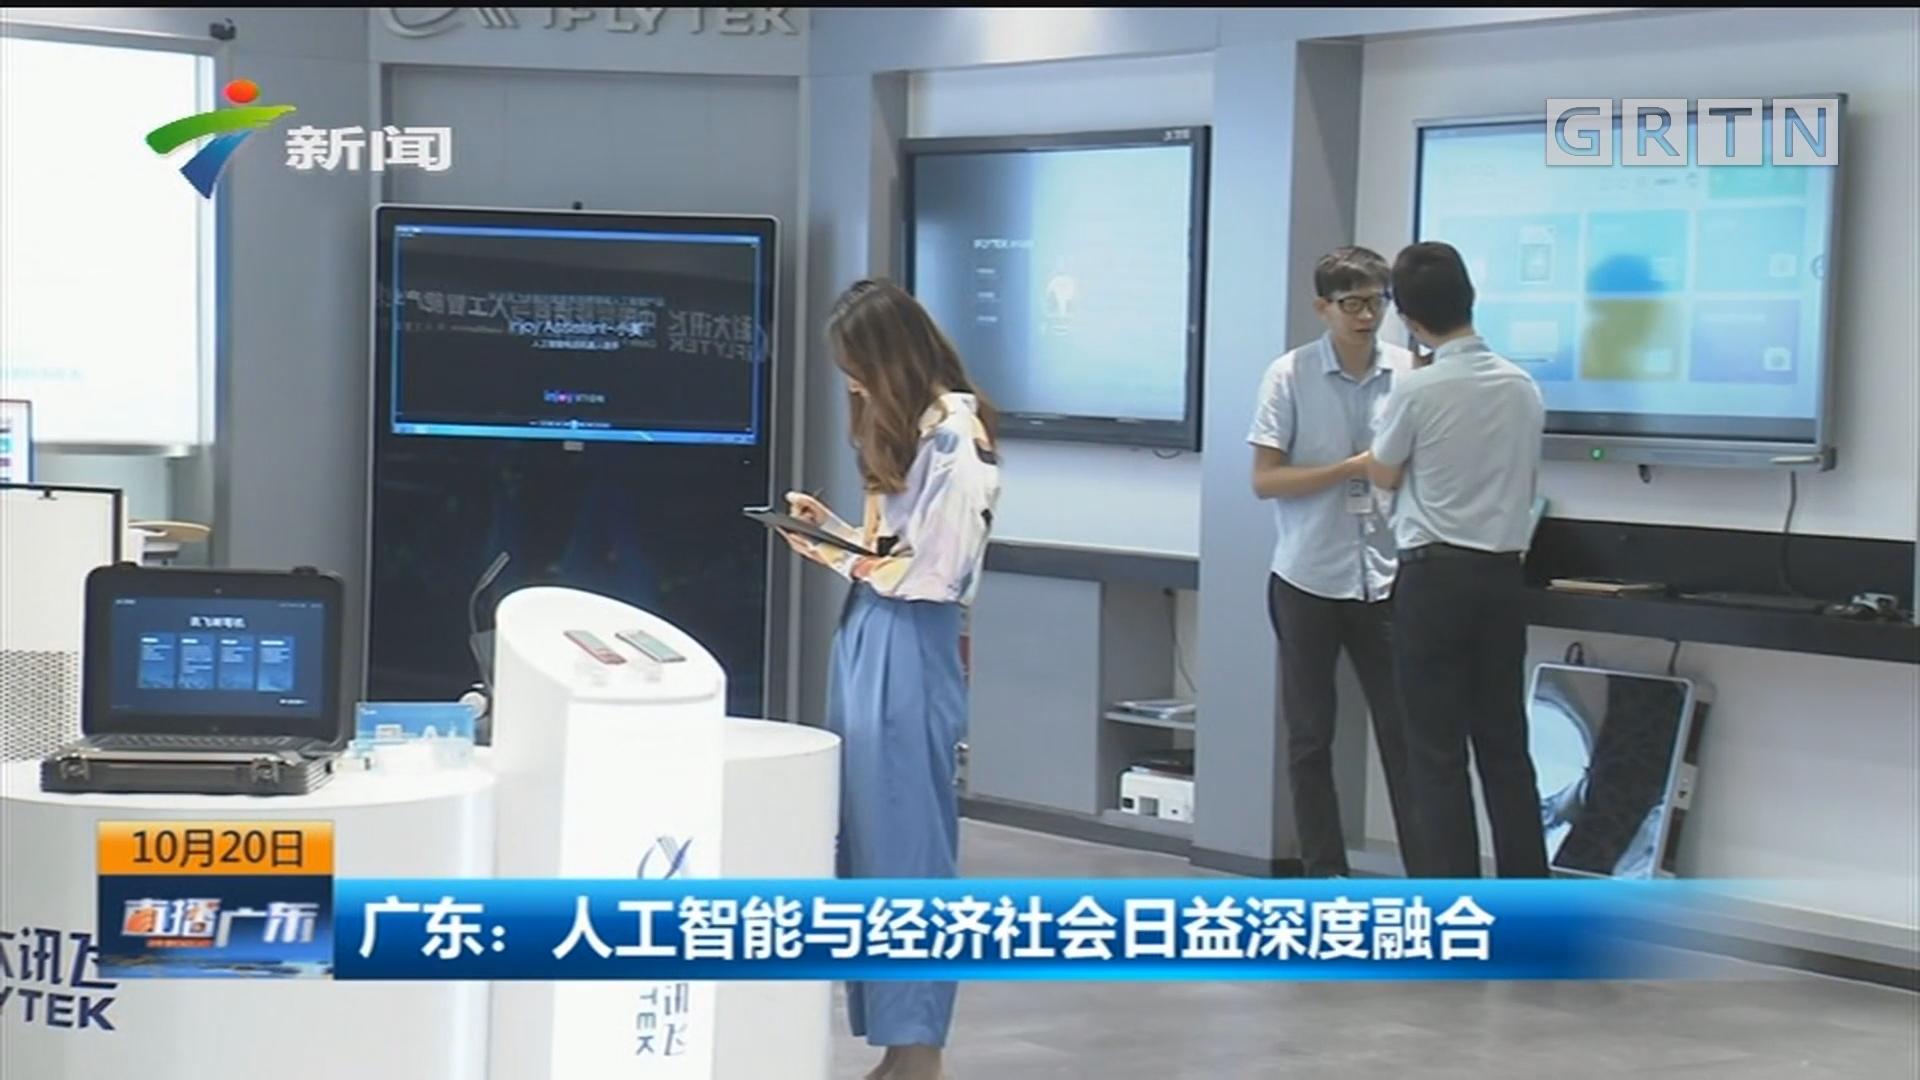 广东:人工智能与经济社会日益深度融合